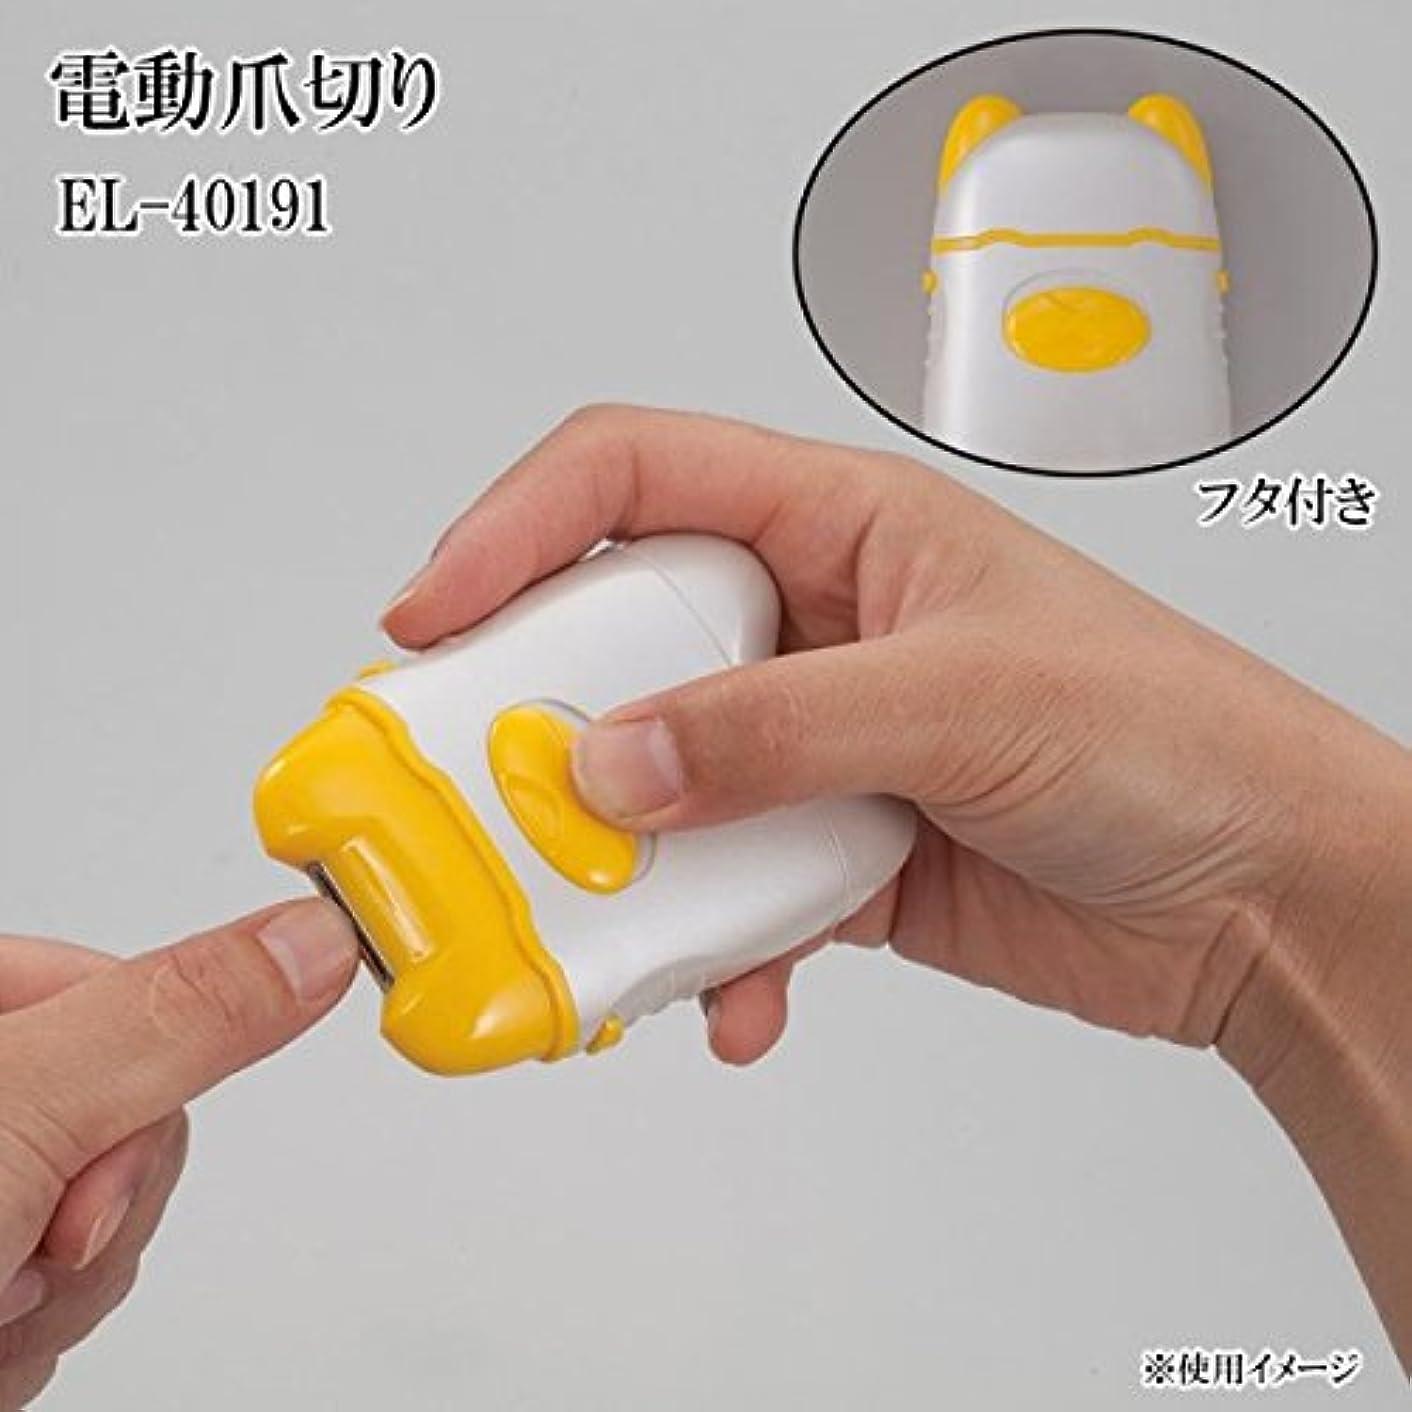 動的上下する損なう電動爪切り EL-40191 【人気 おすすめ 】